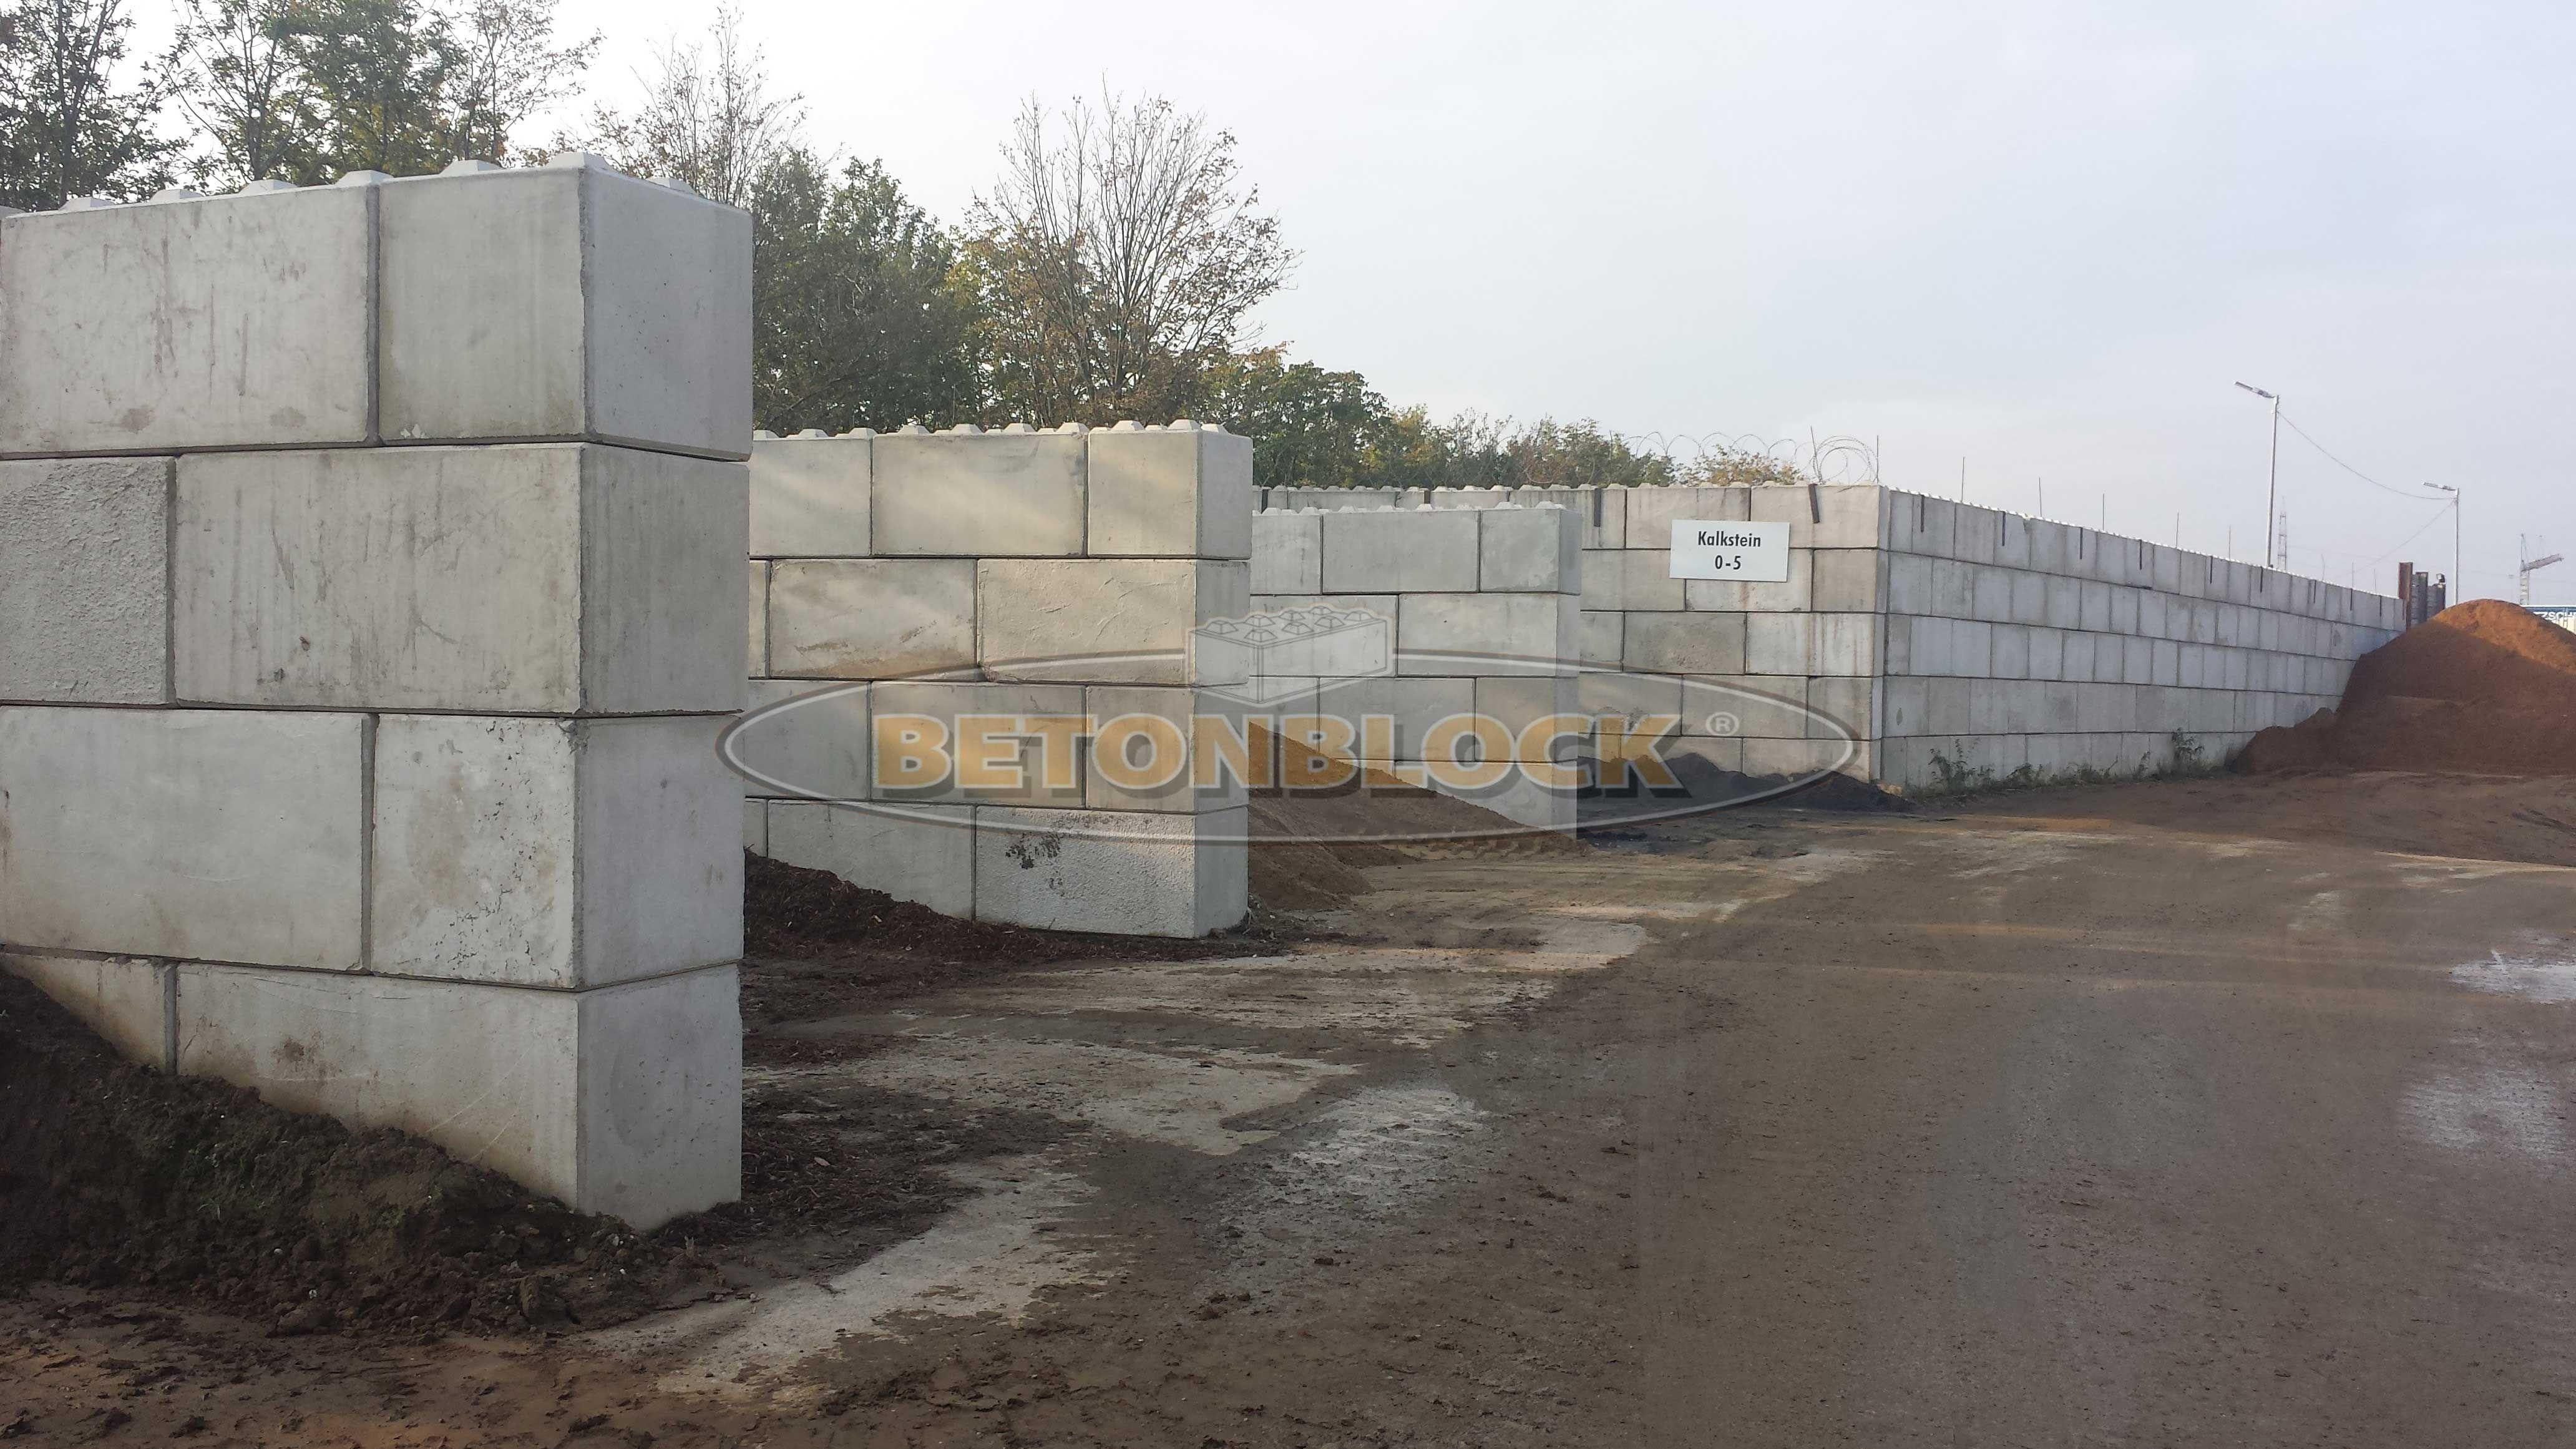 Pin On Betonblock Waste Ecology Blocks